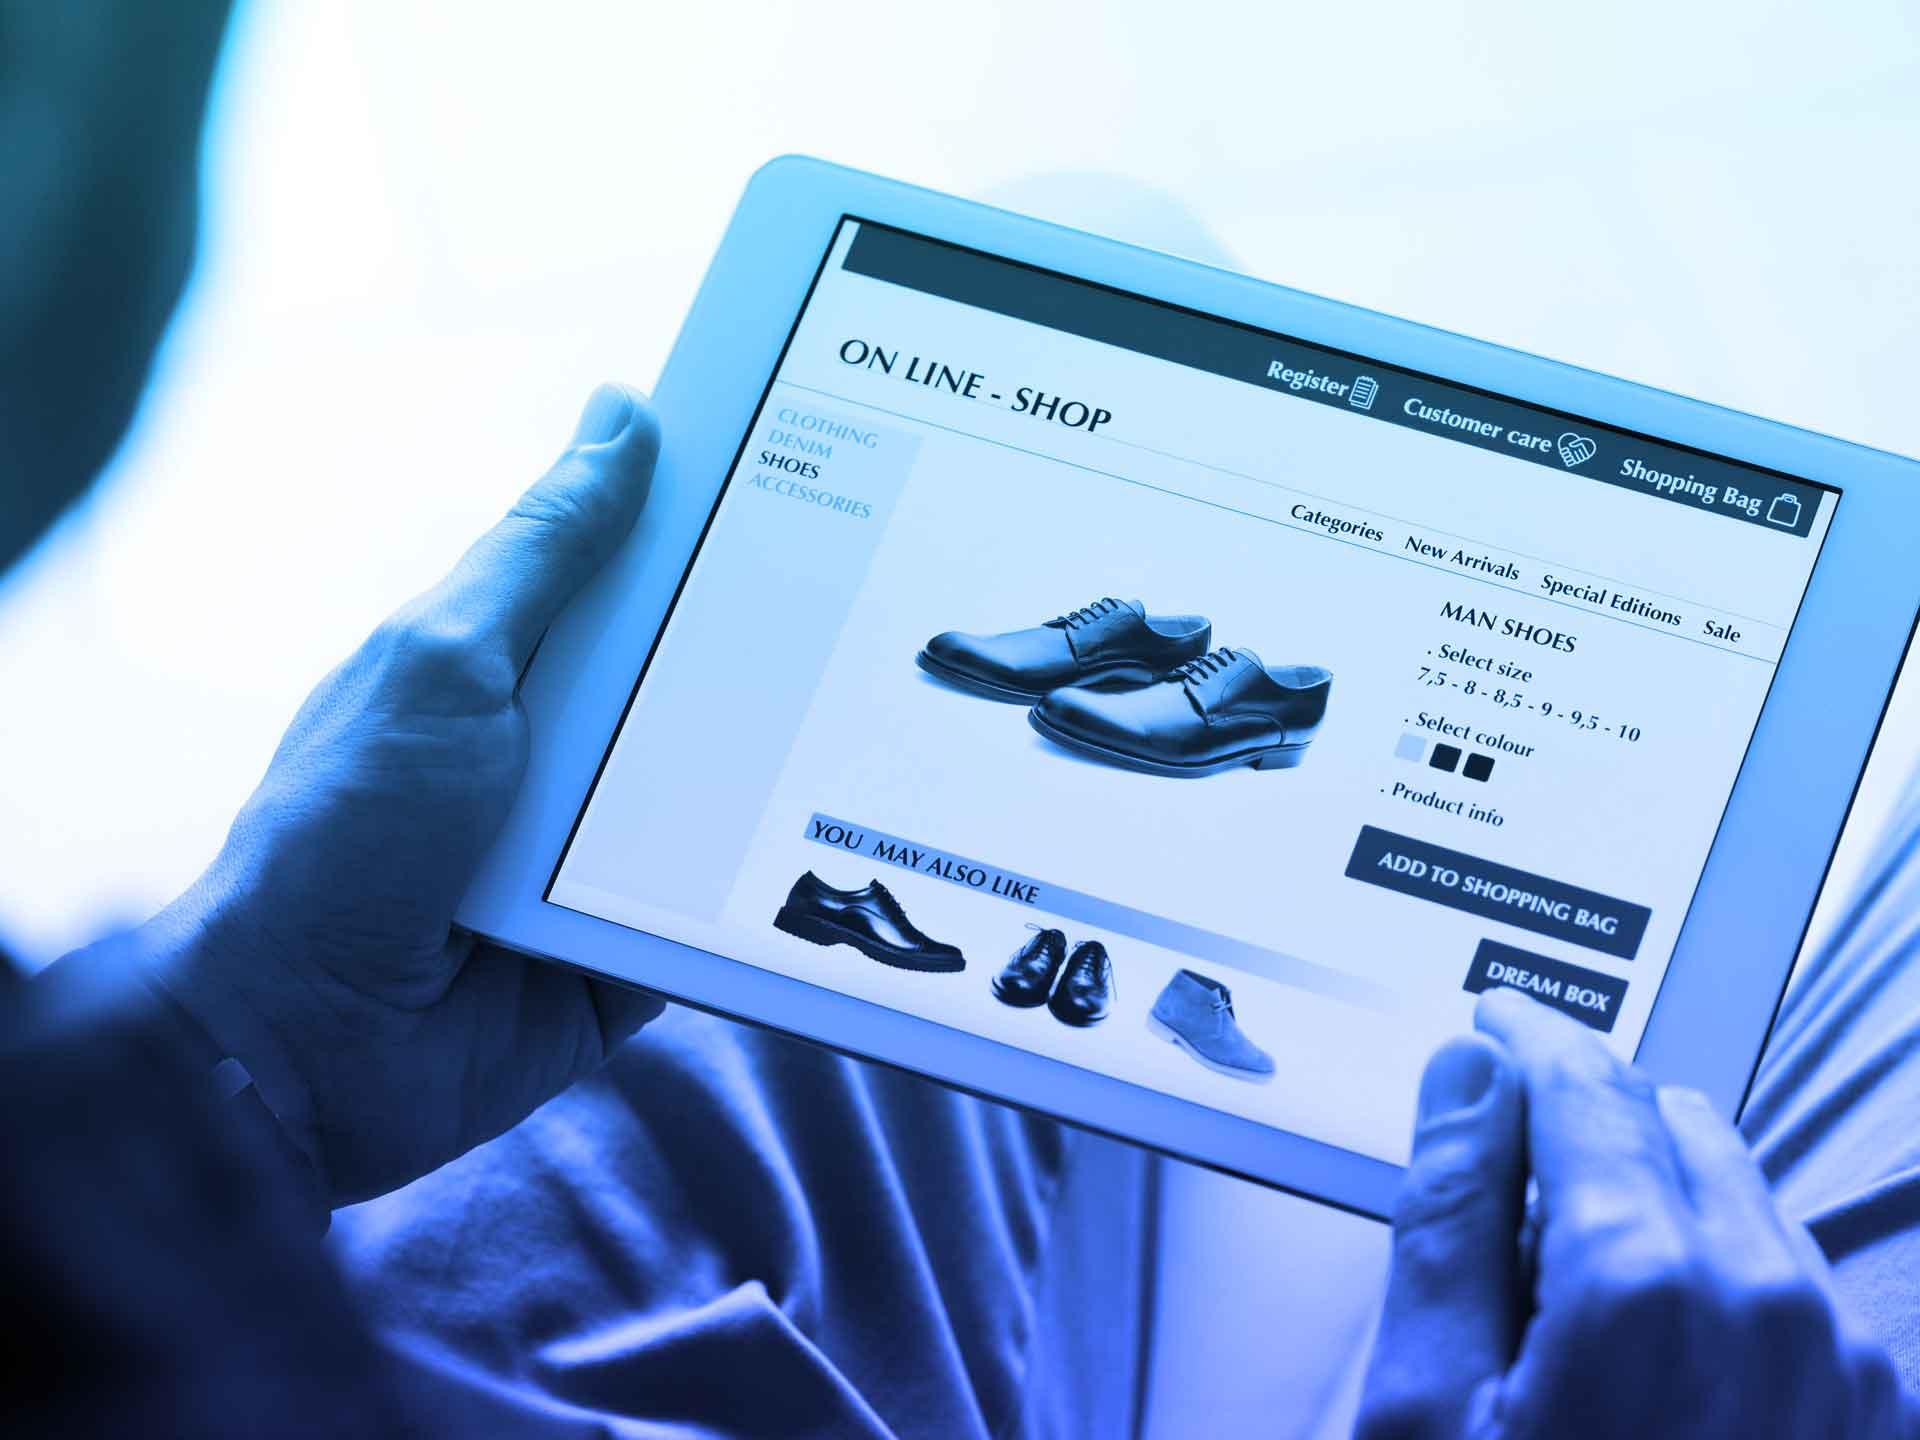 Customer Experience im digitalen Zeitalter | Personalisierung |Prodware